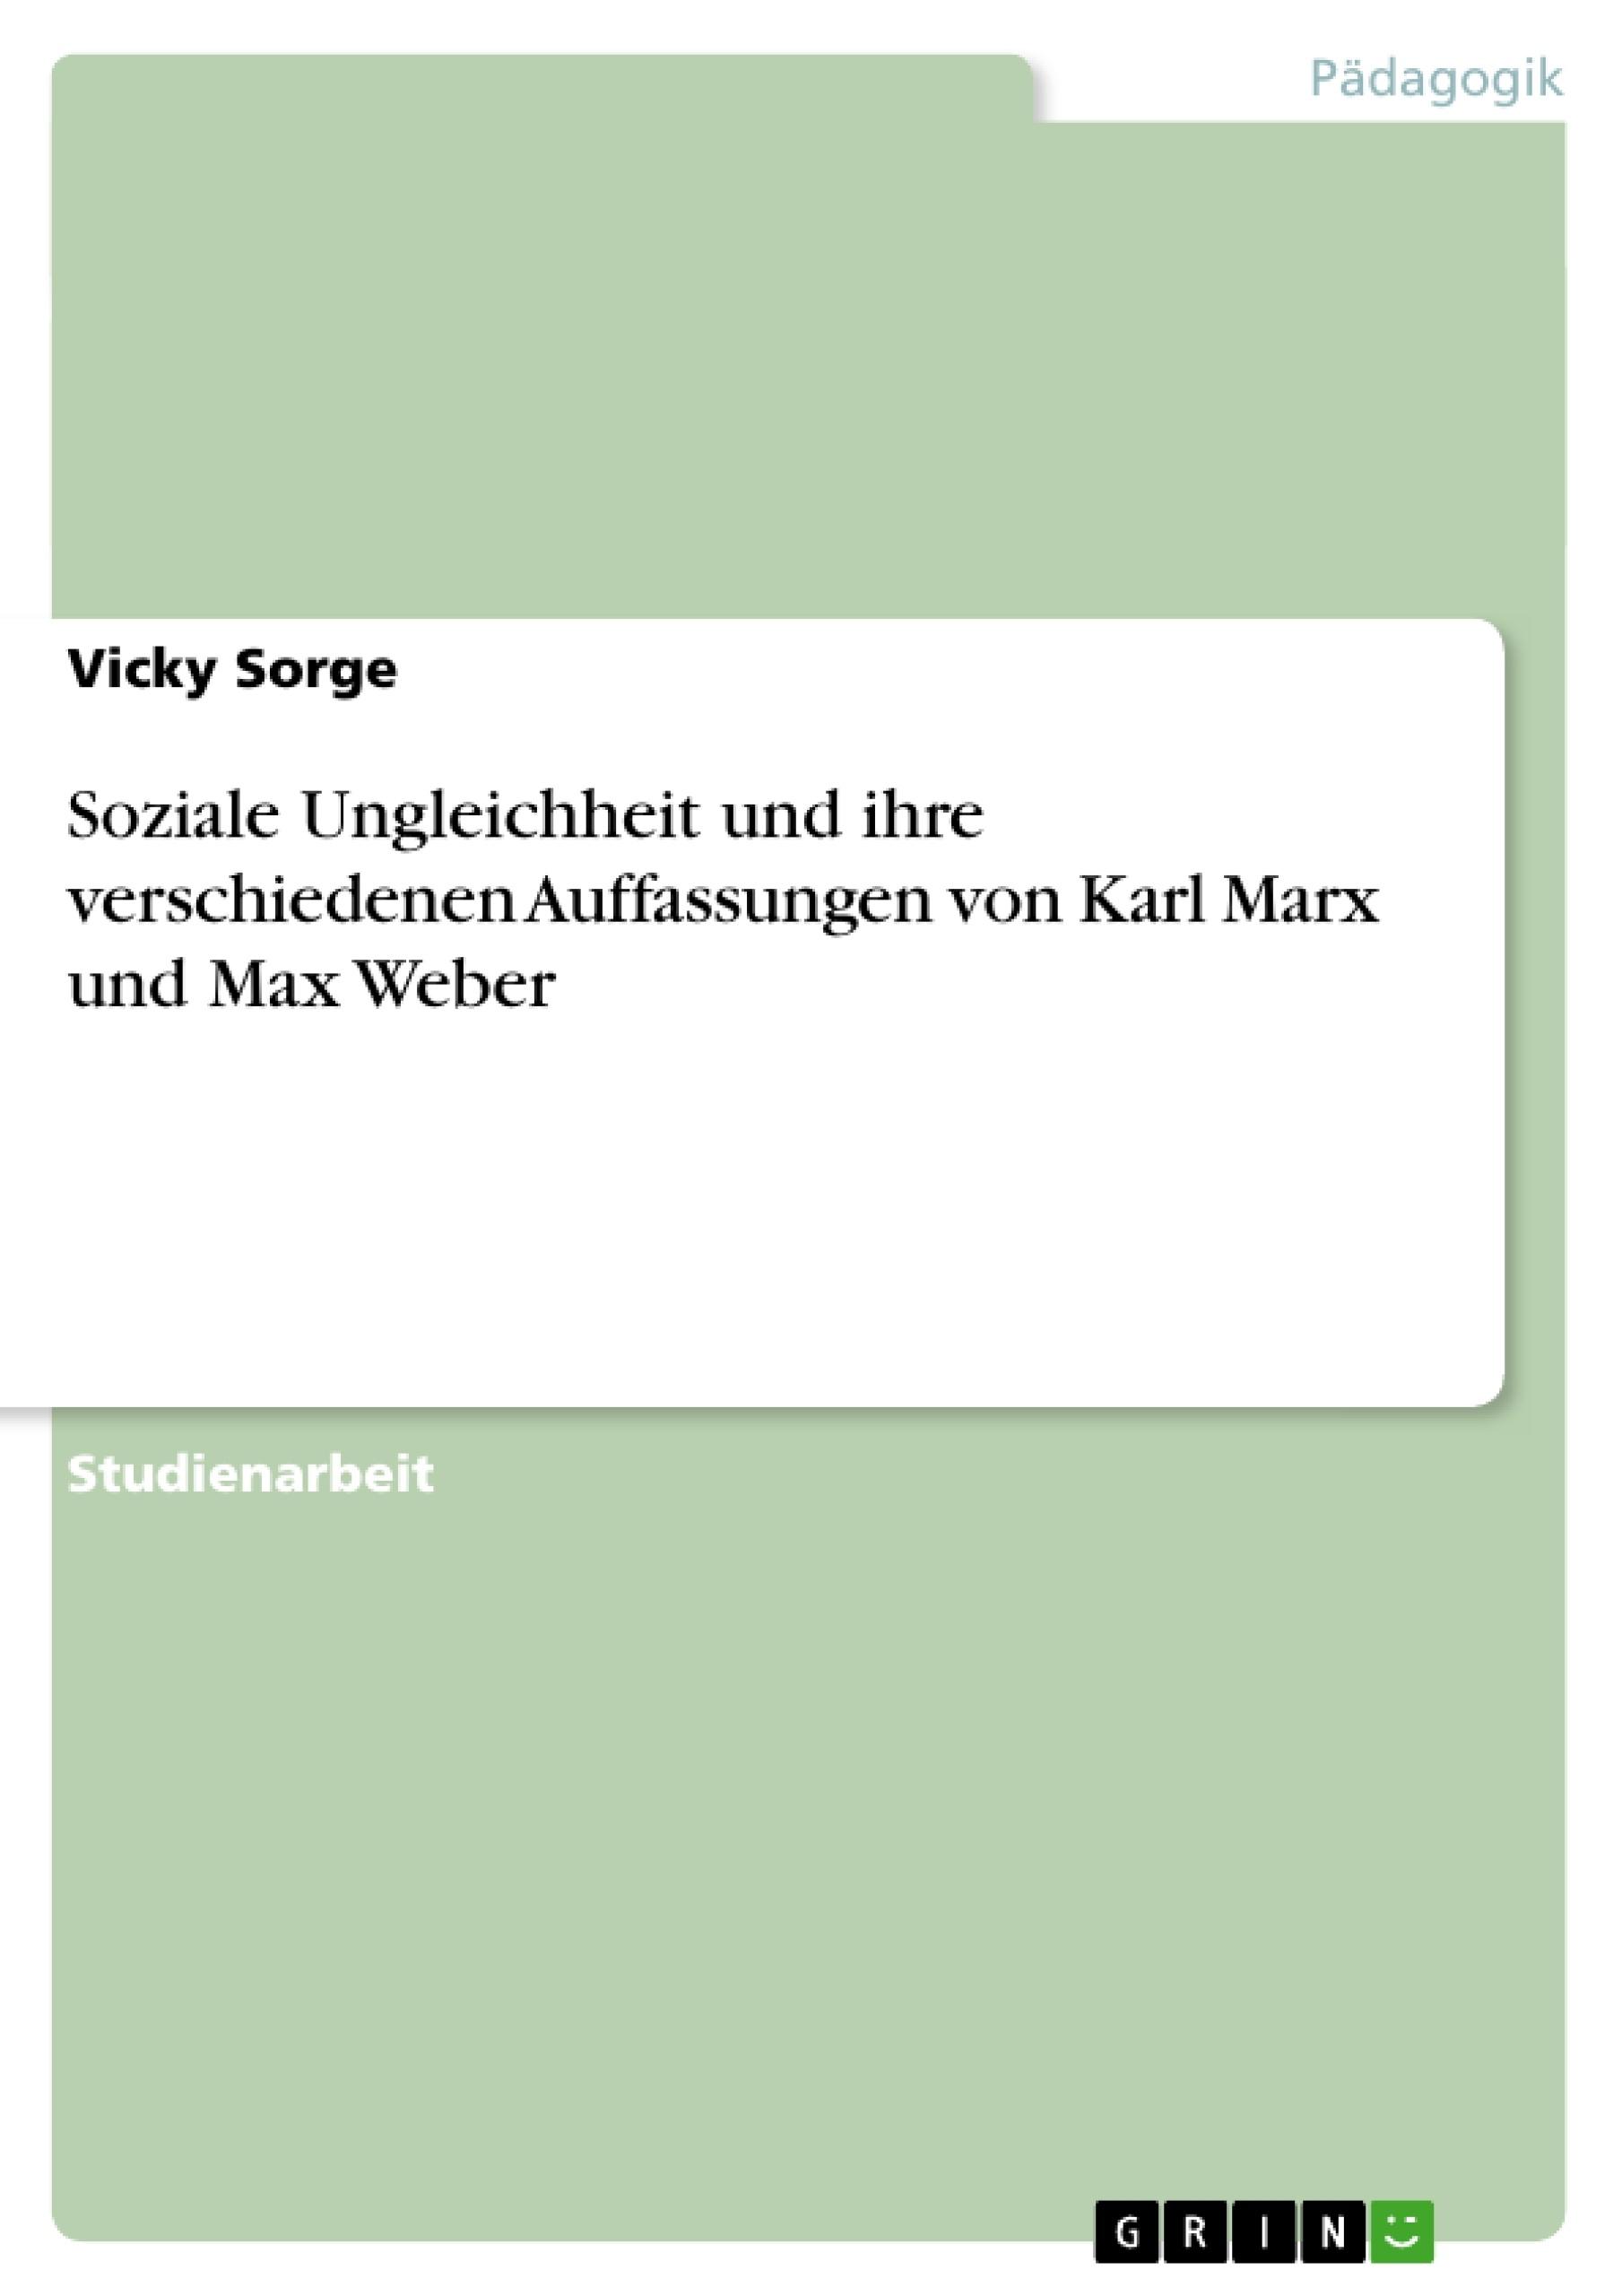 Titel: Soziale Ungleichheit und ihre verschiedenen Auffassungen von Karl Marx und Max Weber